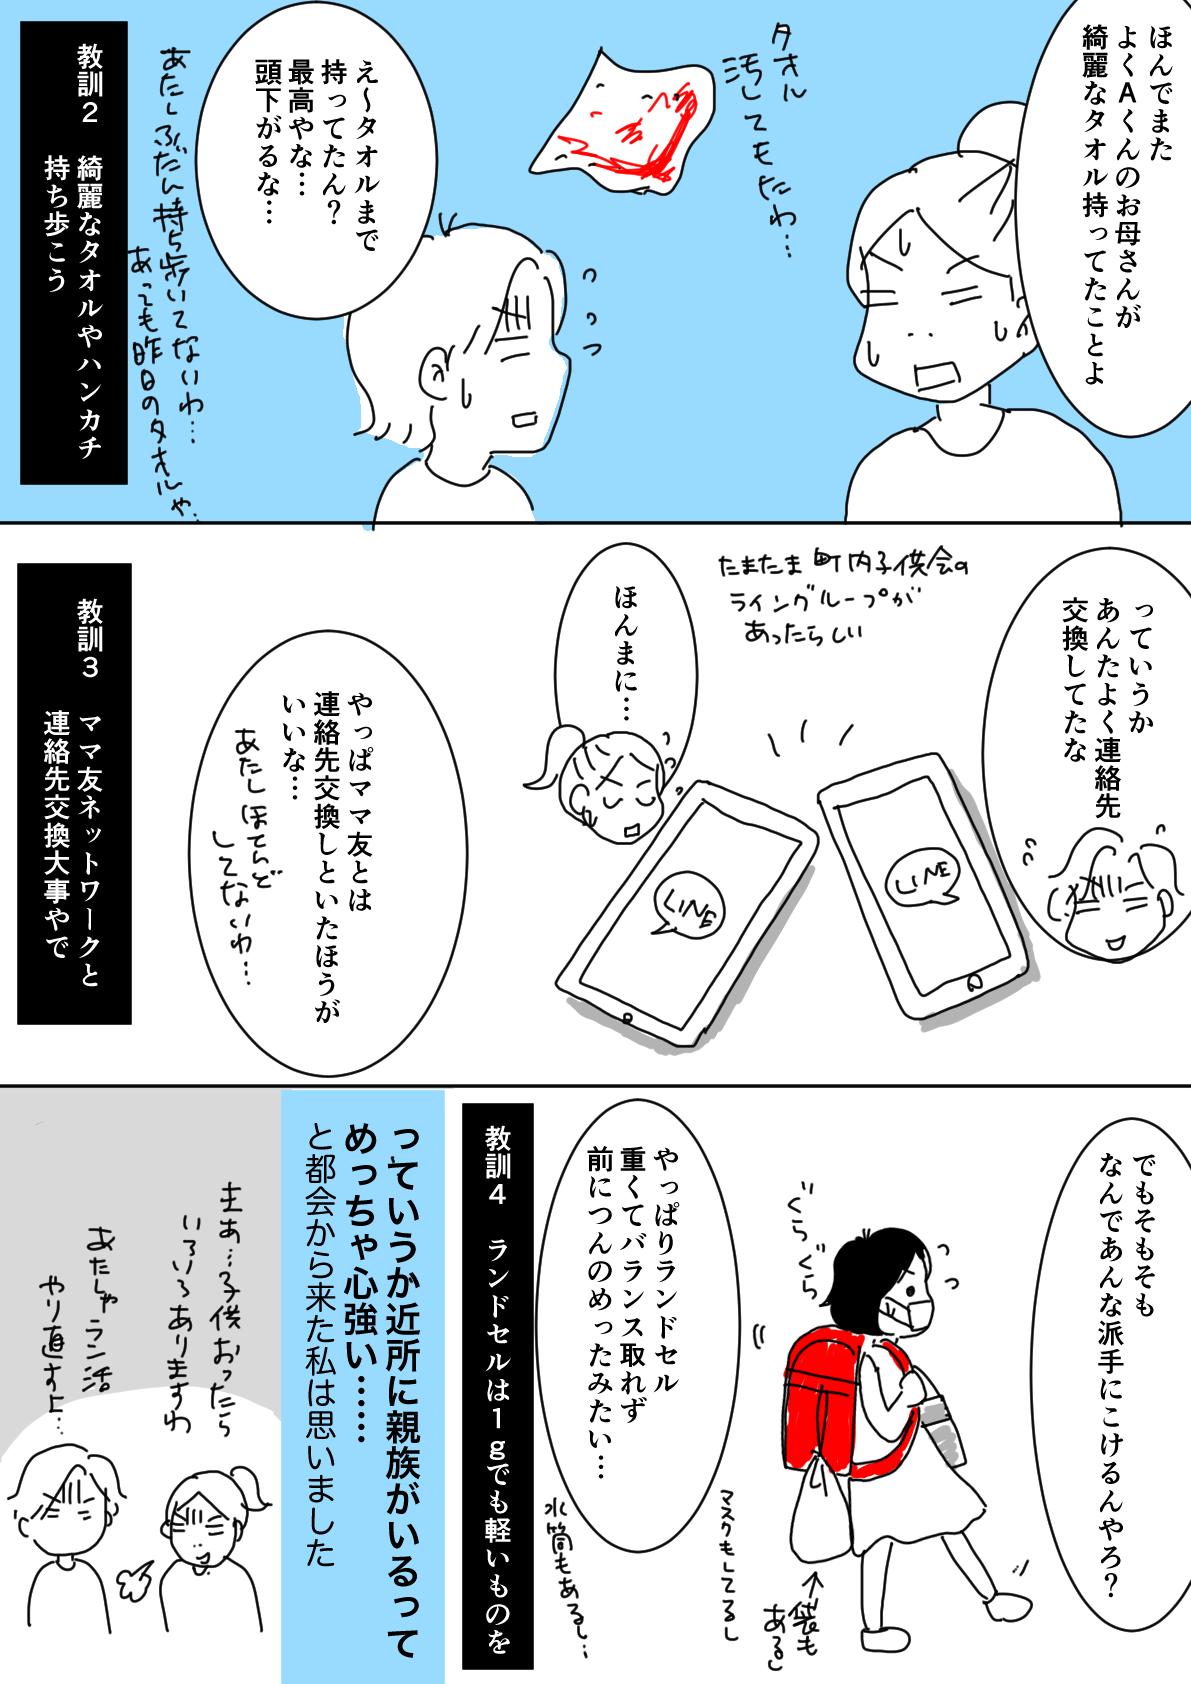 あかり_出力_004